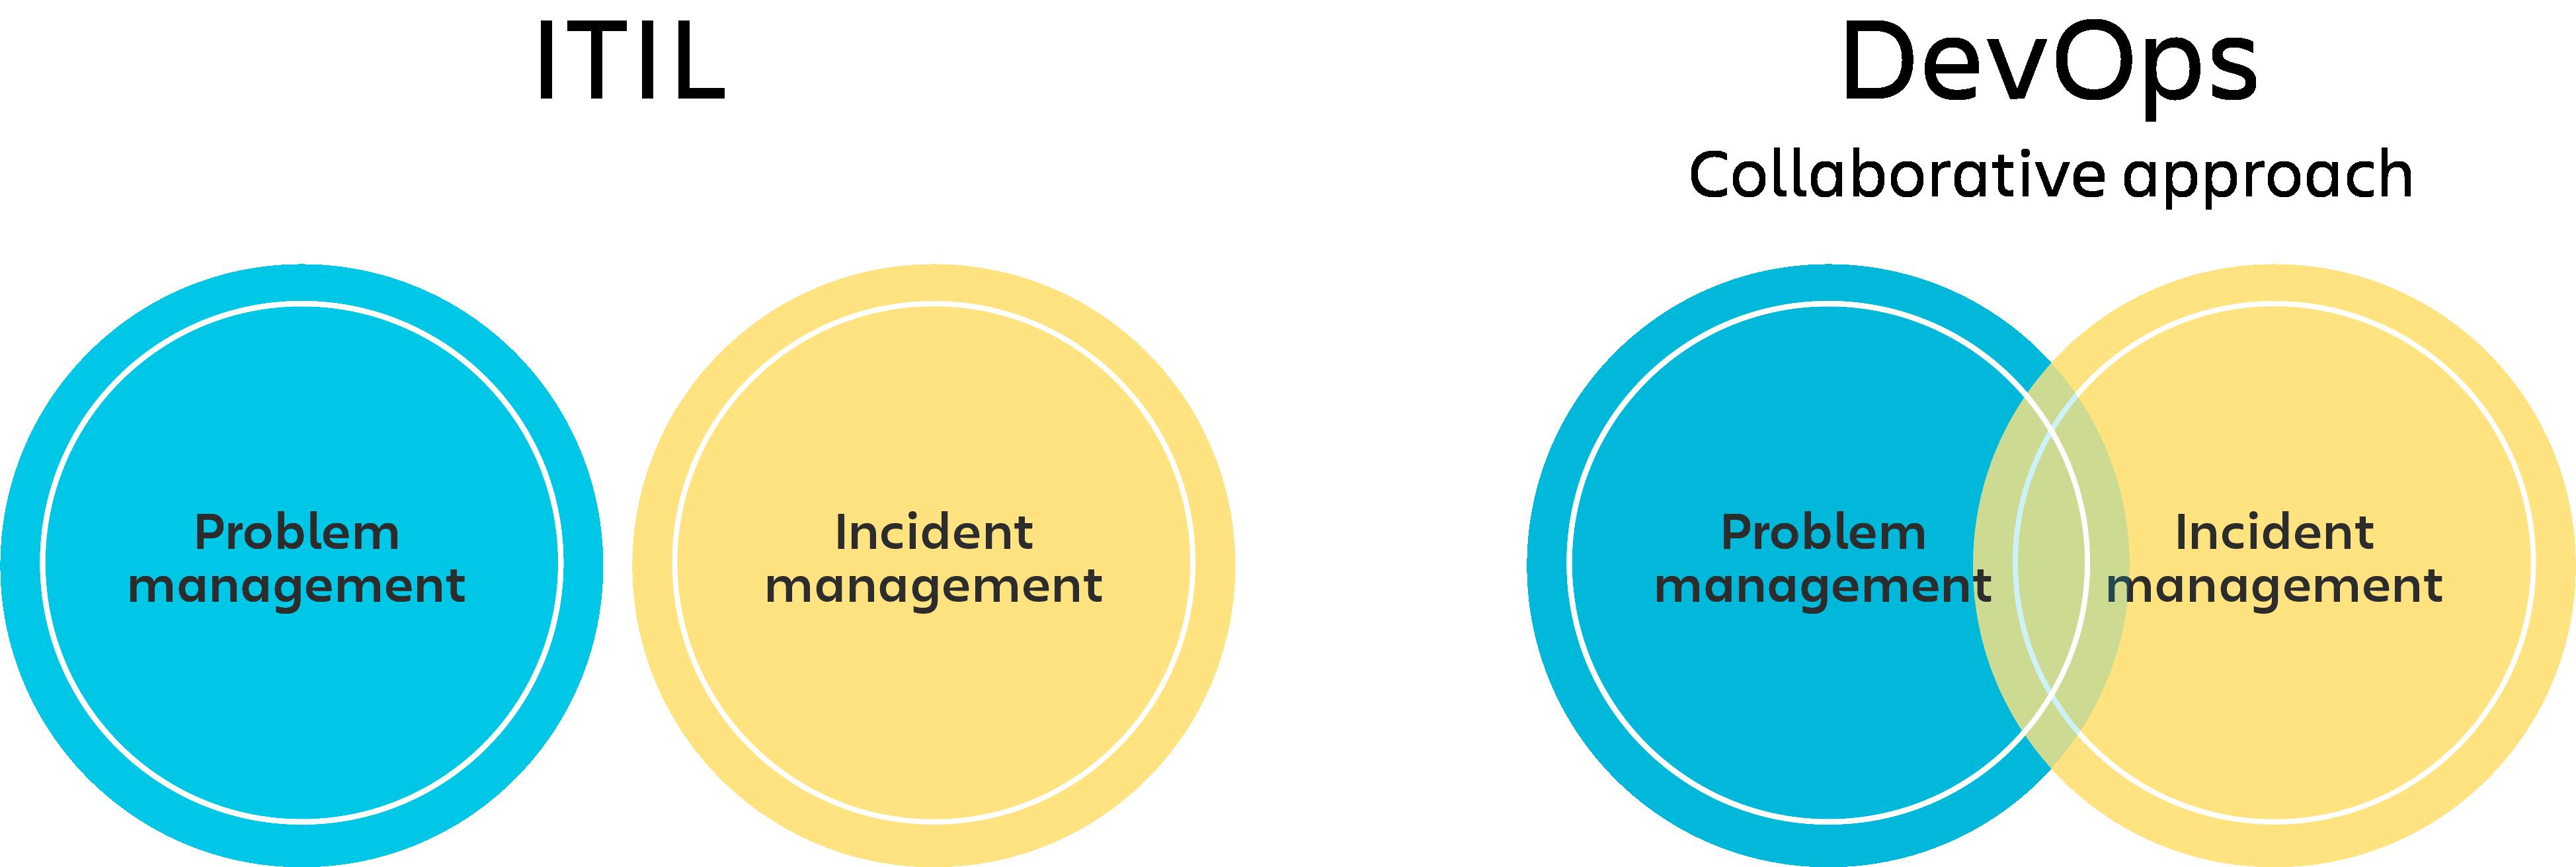 Gráfico de ITIL con un diagrama de círculos independientes para la gestión de incidentes y la gestión de problemas, y gráfico de DevOps en forma de diagrama de Venn para la gestión de incidentes y problemas